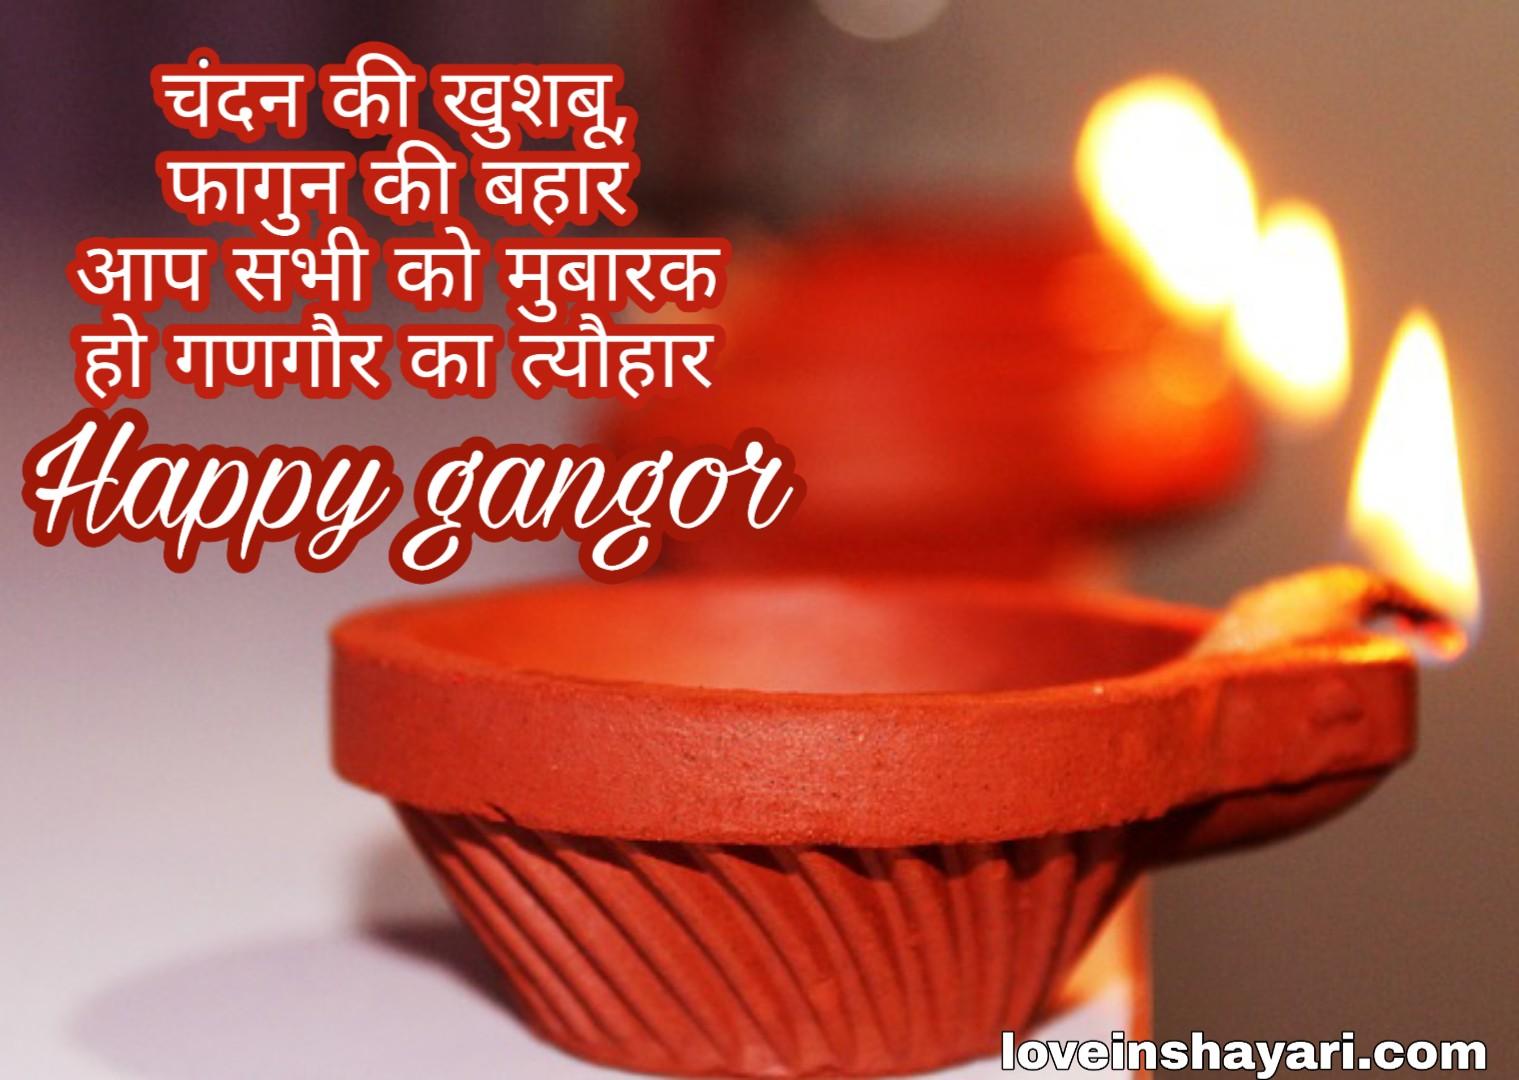 Gangor status whatsapp status 2020